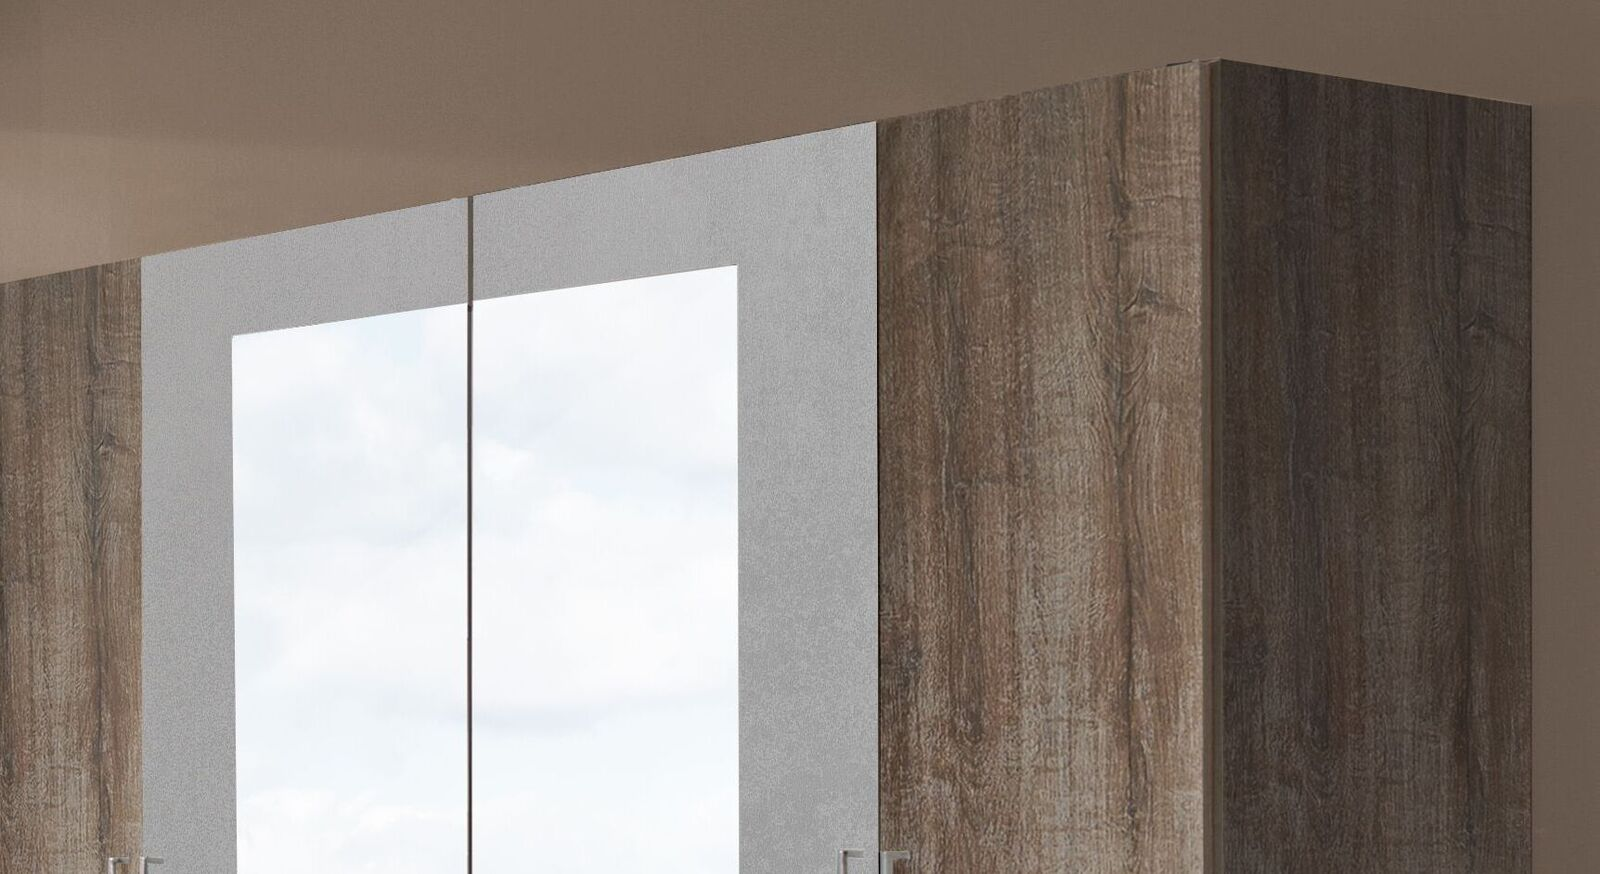 Drehtüren-Kleiderschrank Ovatio in unterschiedlichen Dekoren